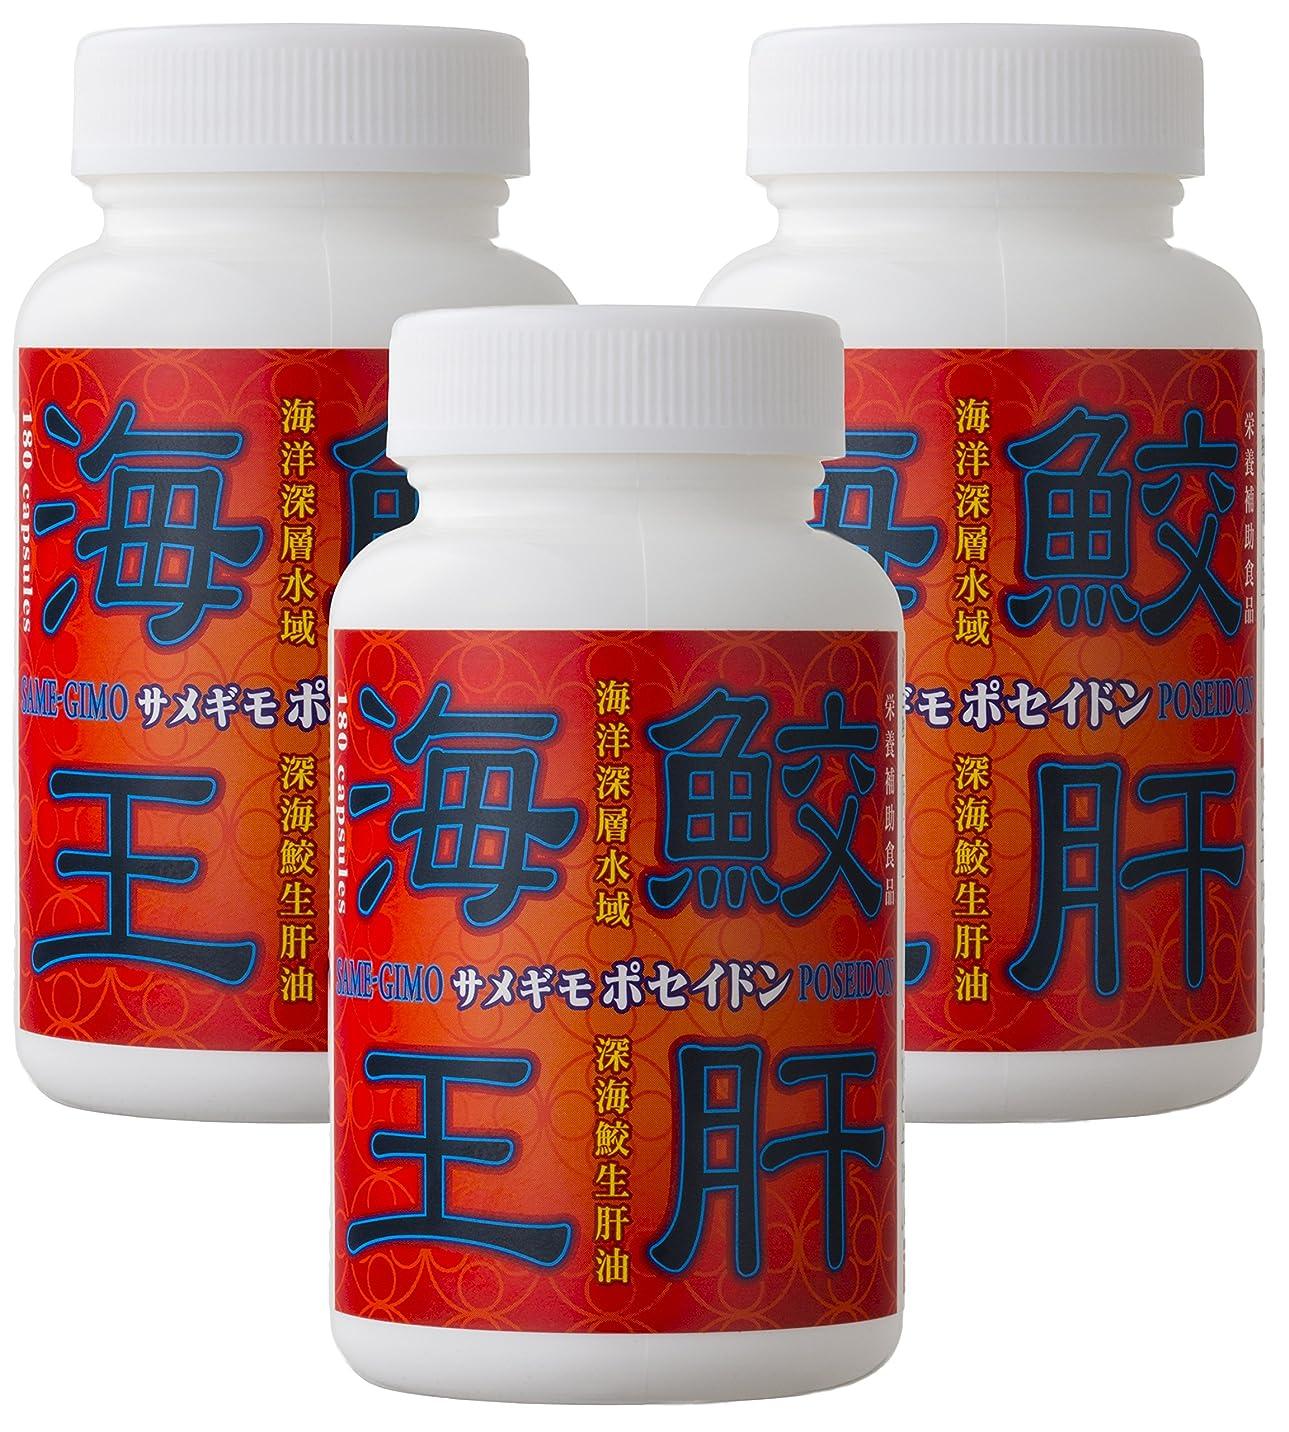 不一致標高感性エバーライフ 鮫生肝油 「鮫肝海王 (サメギモポセイドン)」 180粒 3本セット